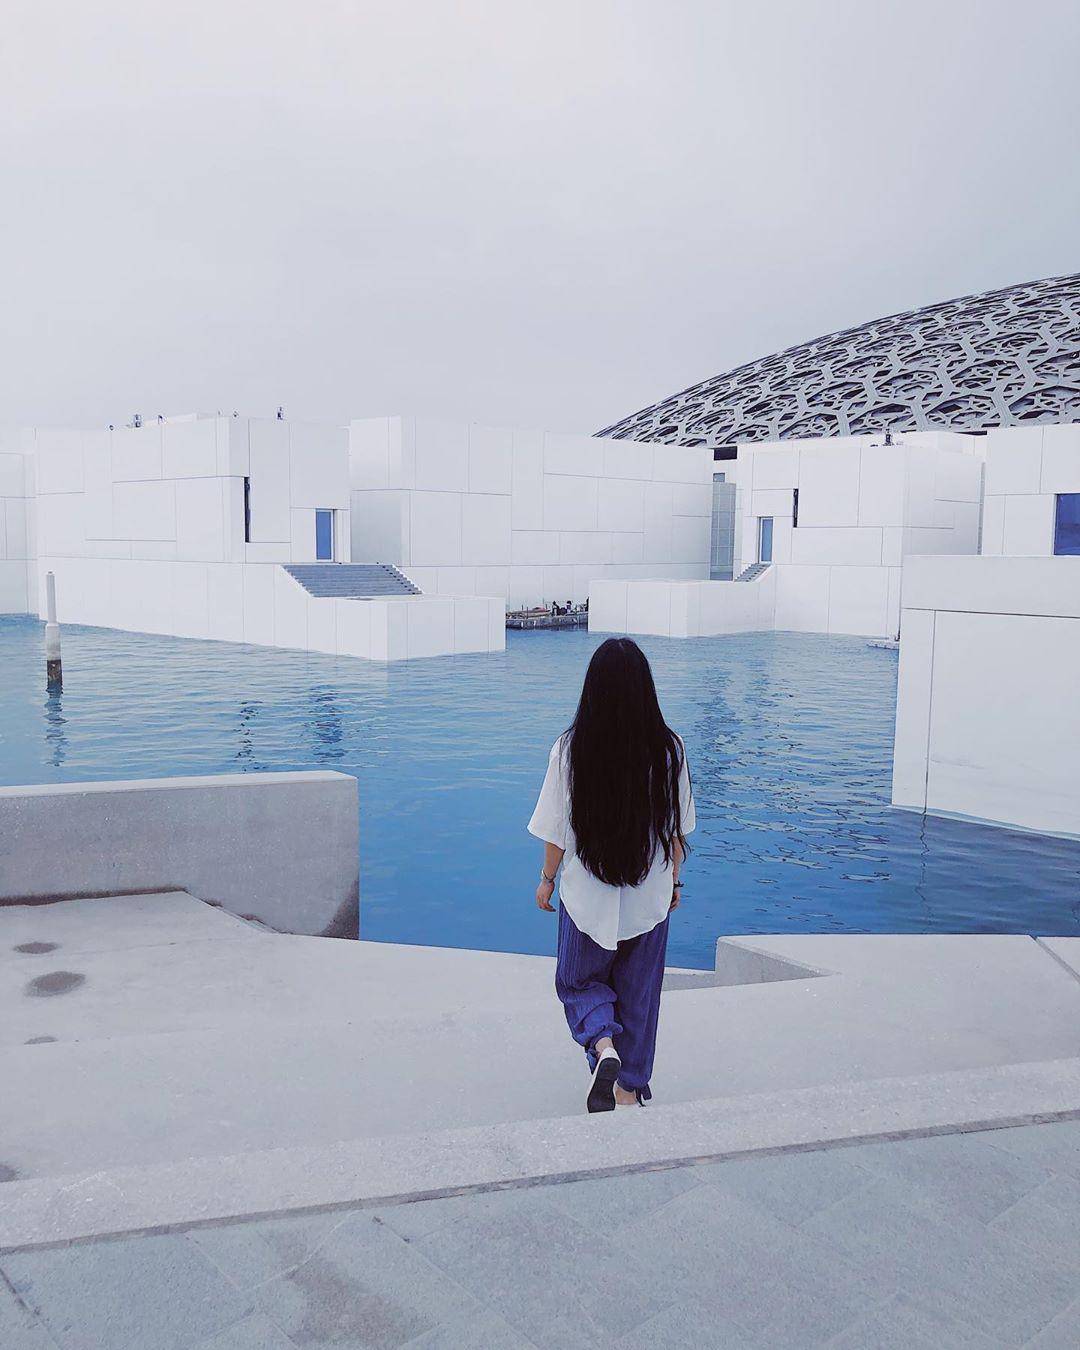 4 bảo tàng được dự đoán sẽ hot nhất năm 2019, dân mê nghệ thuật chắc chắn không thể bỏ qua! - Ảnh 5.